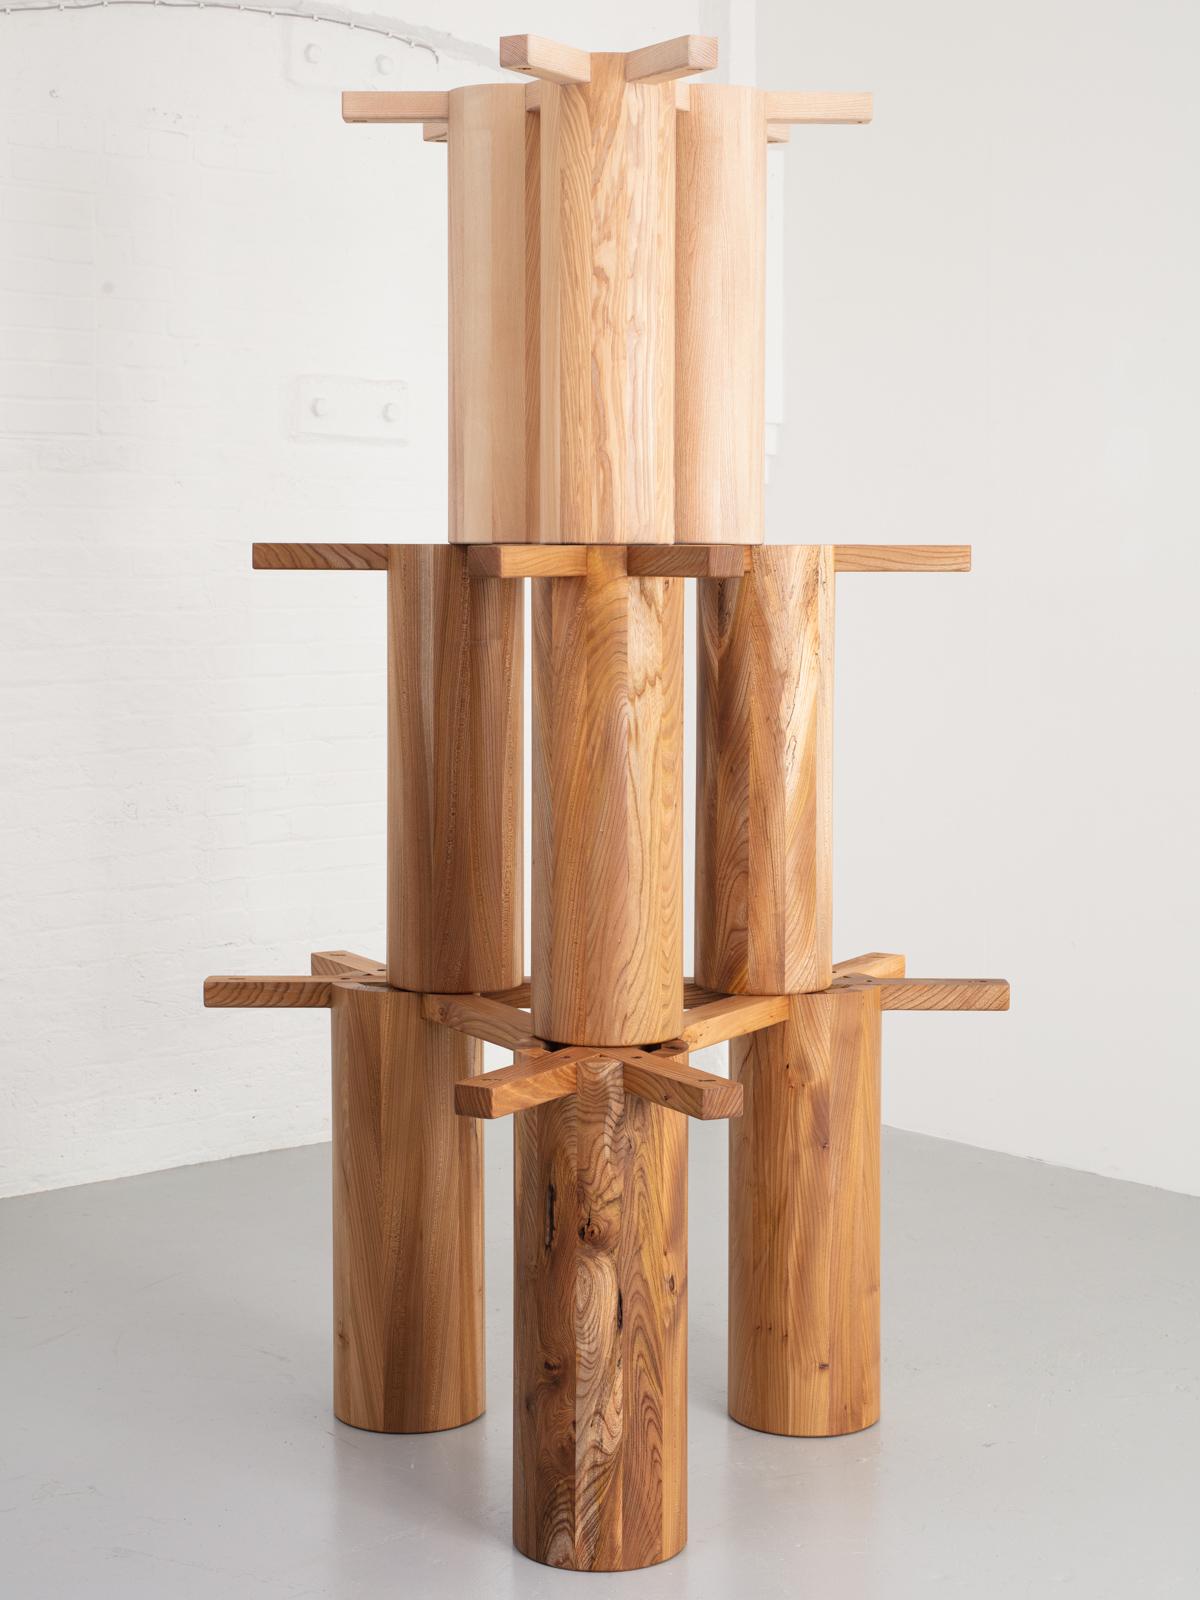 Jan Hendzel Round Tables Studio 2021-70